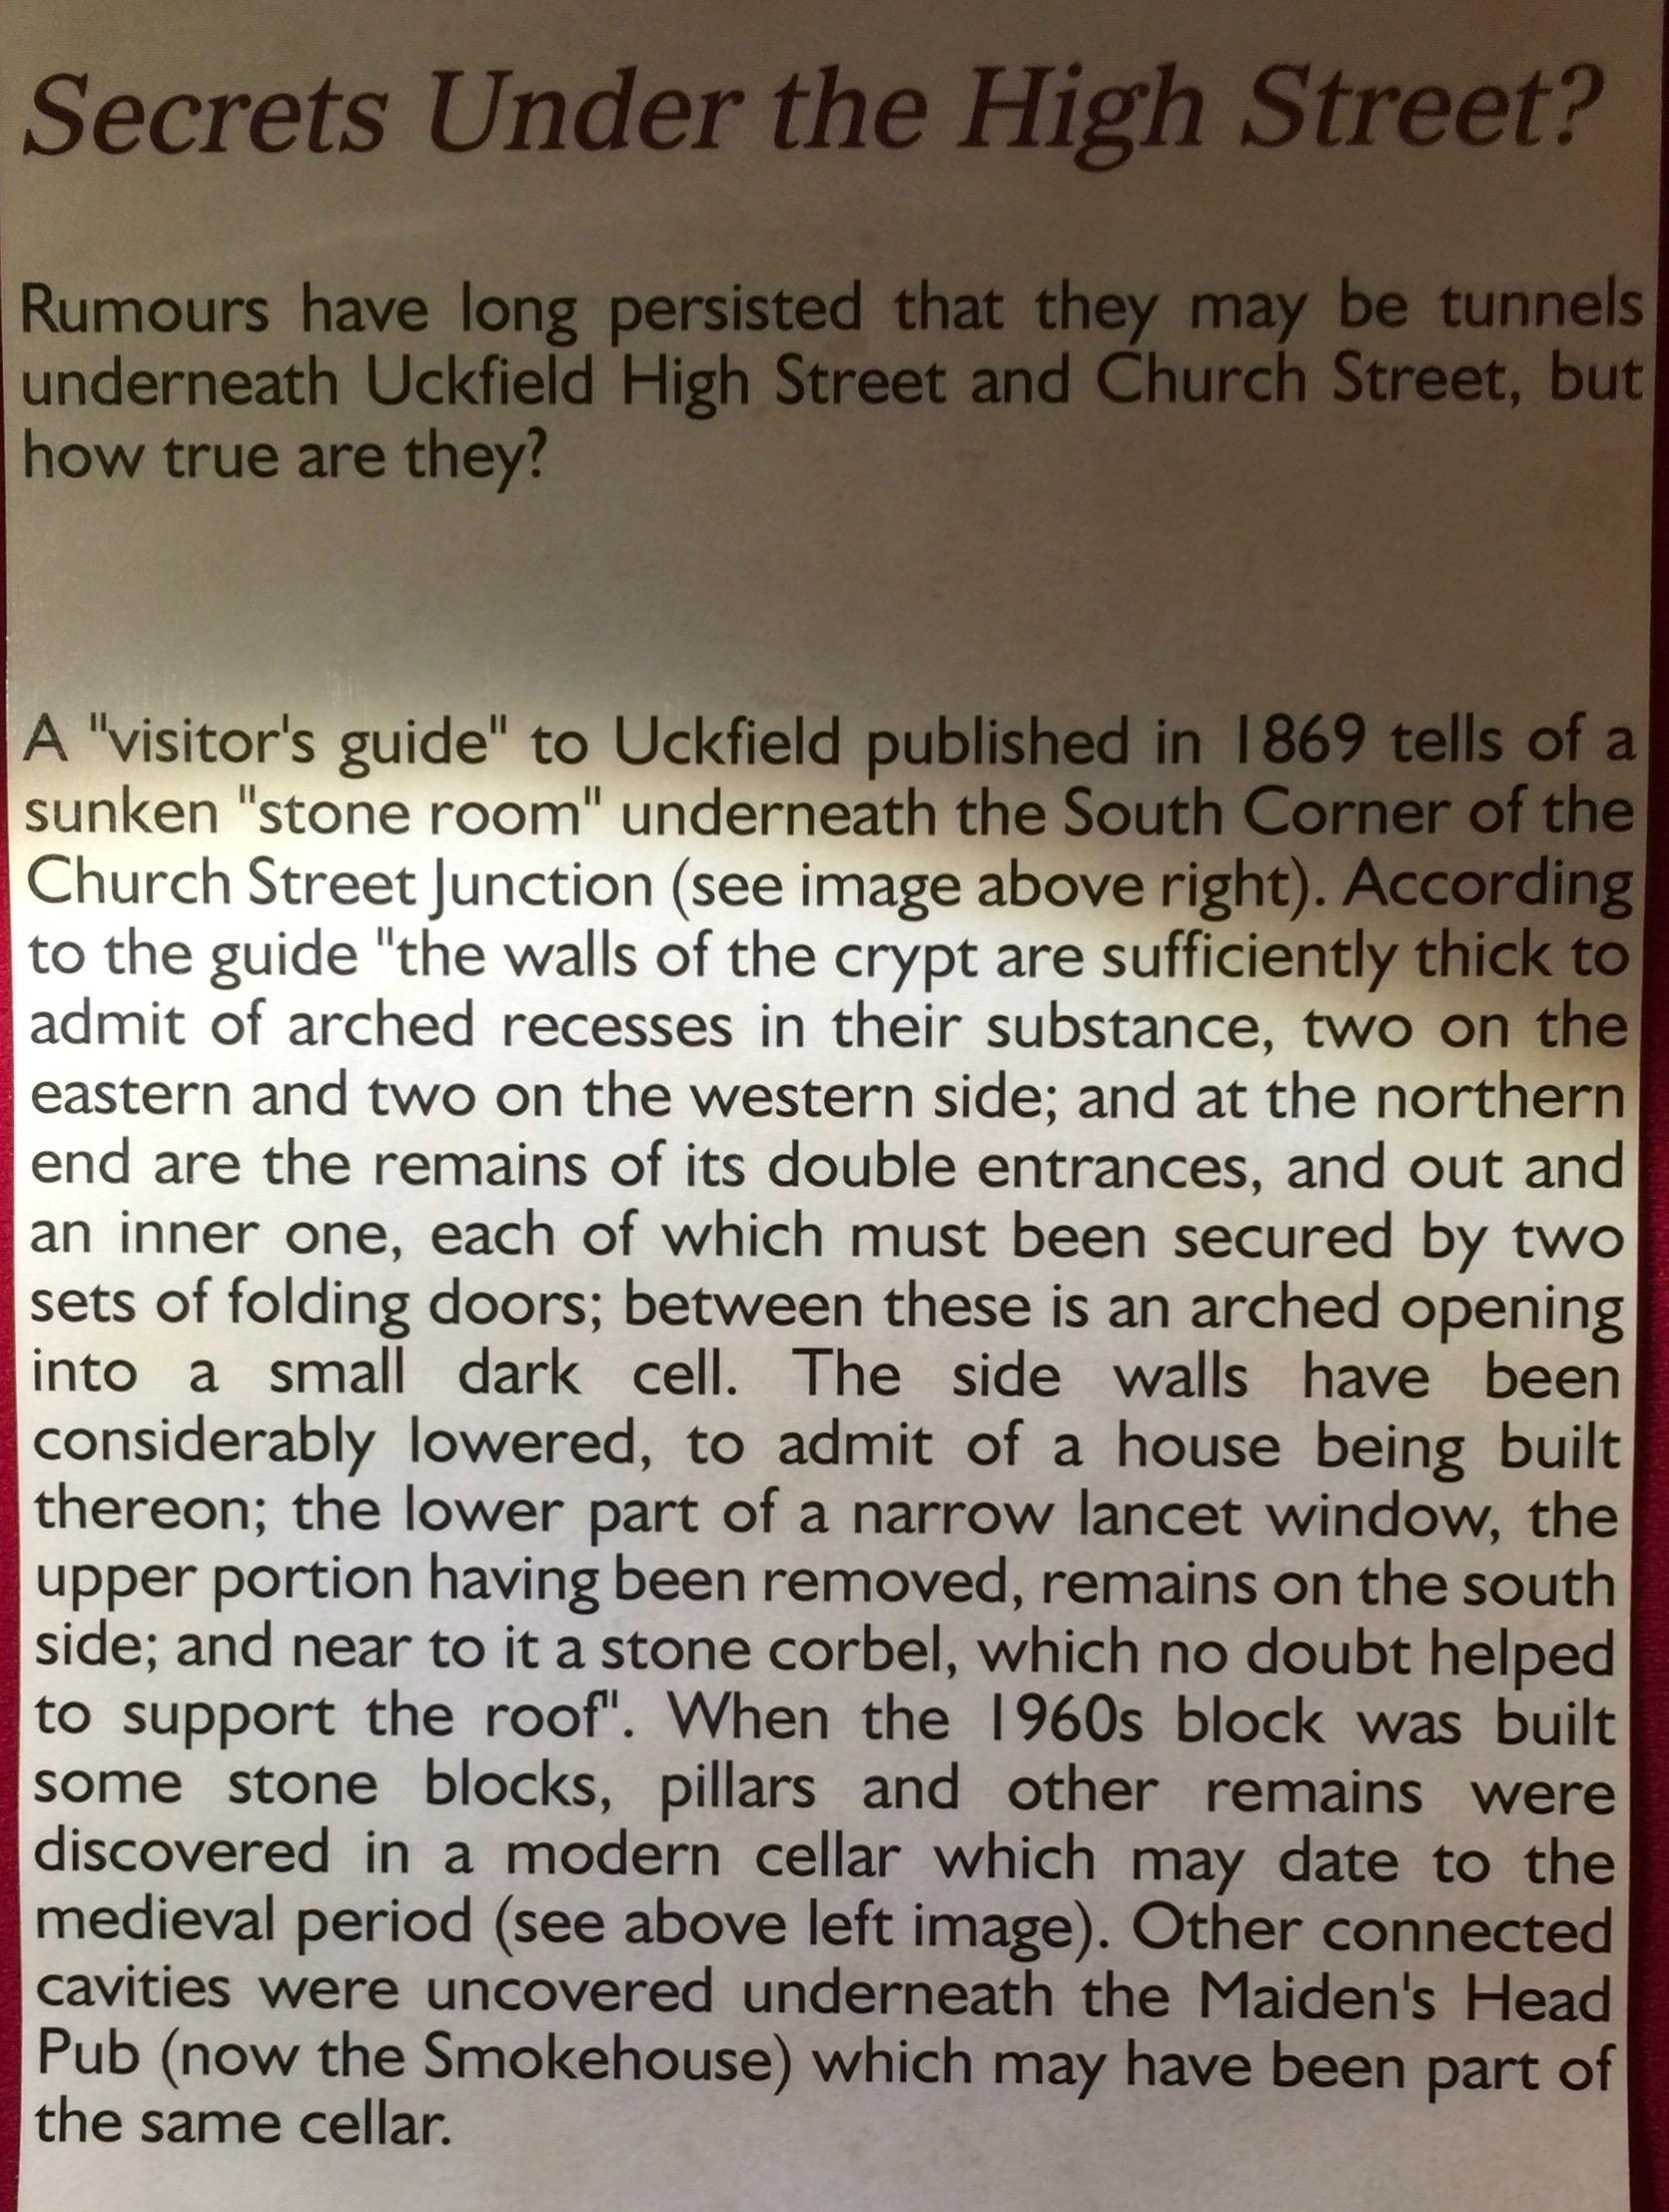 secrets-under-the-high-street